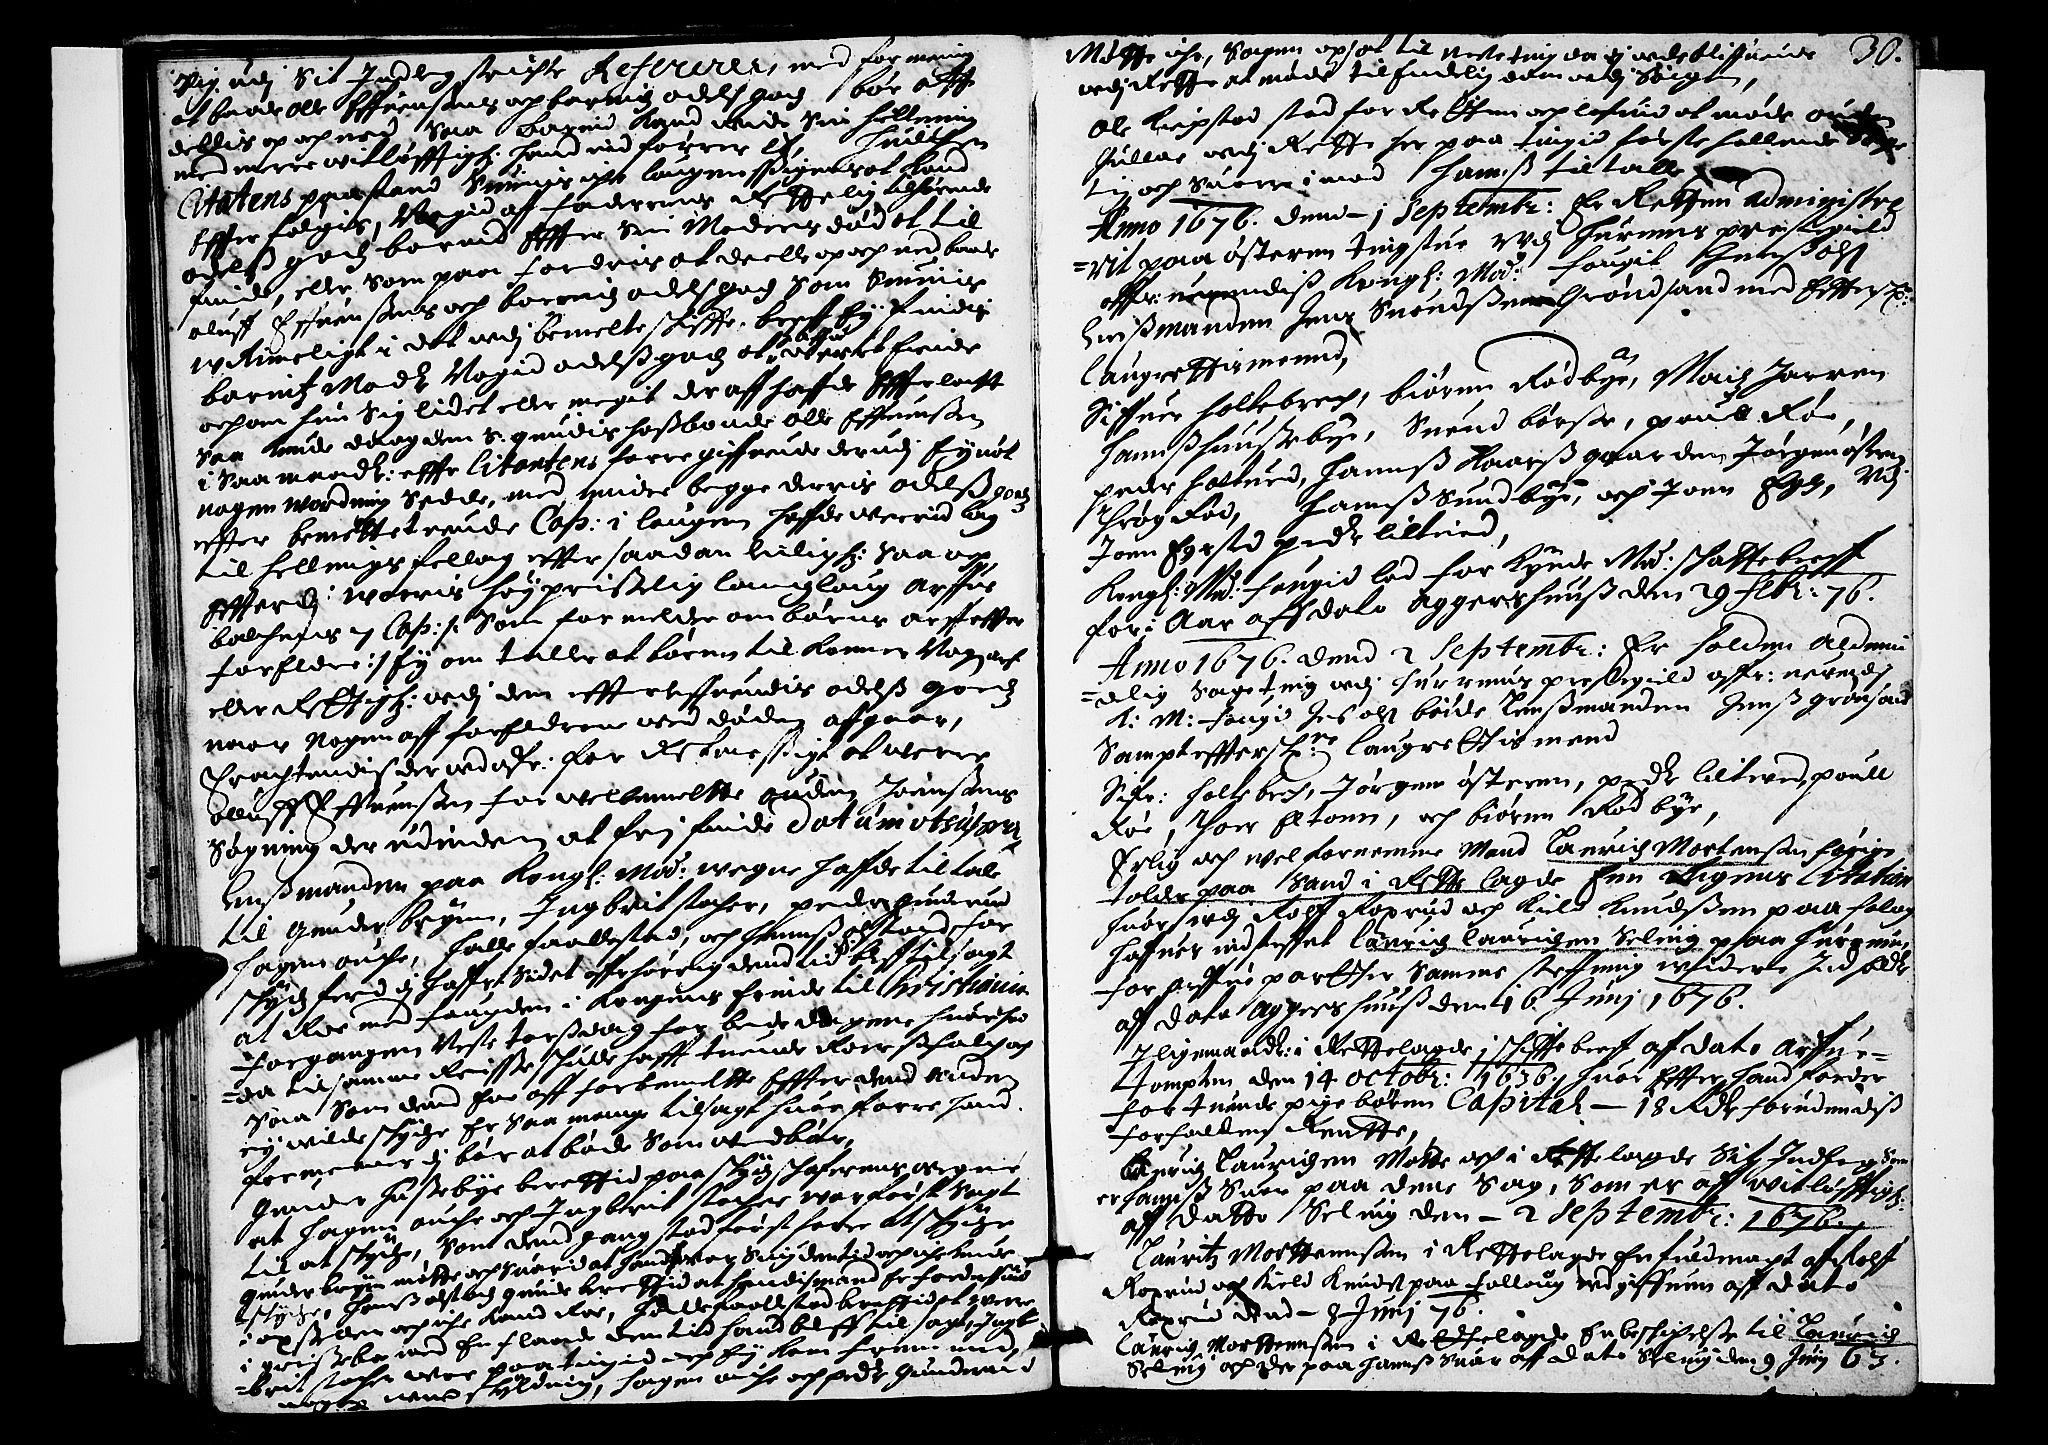 SAKO, Lier, Røyken og Hurum sorenskriveri, F/Fa/L0017: Tingbok, 1676, s. 30